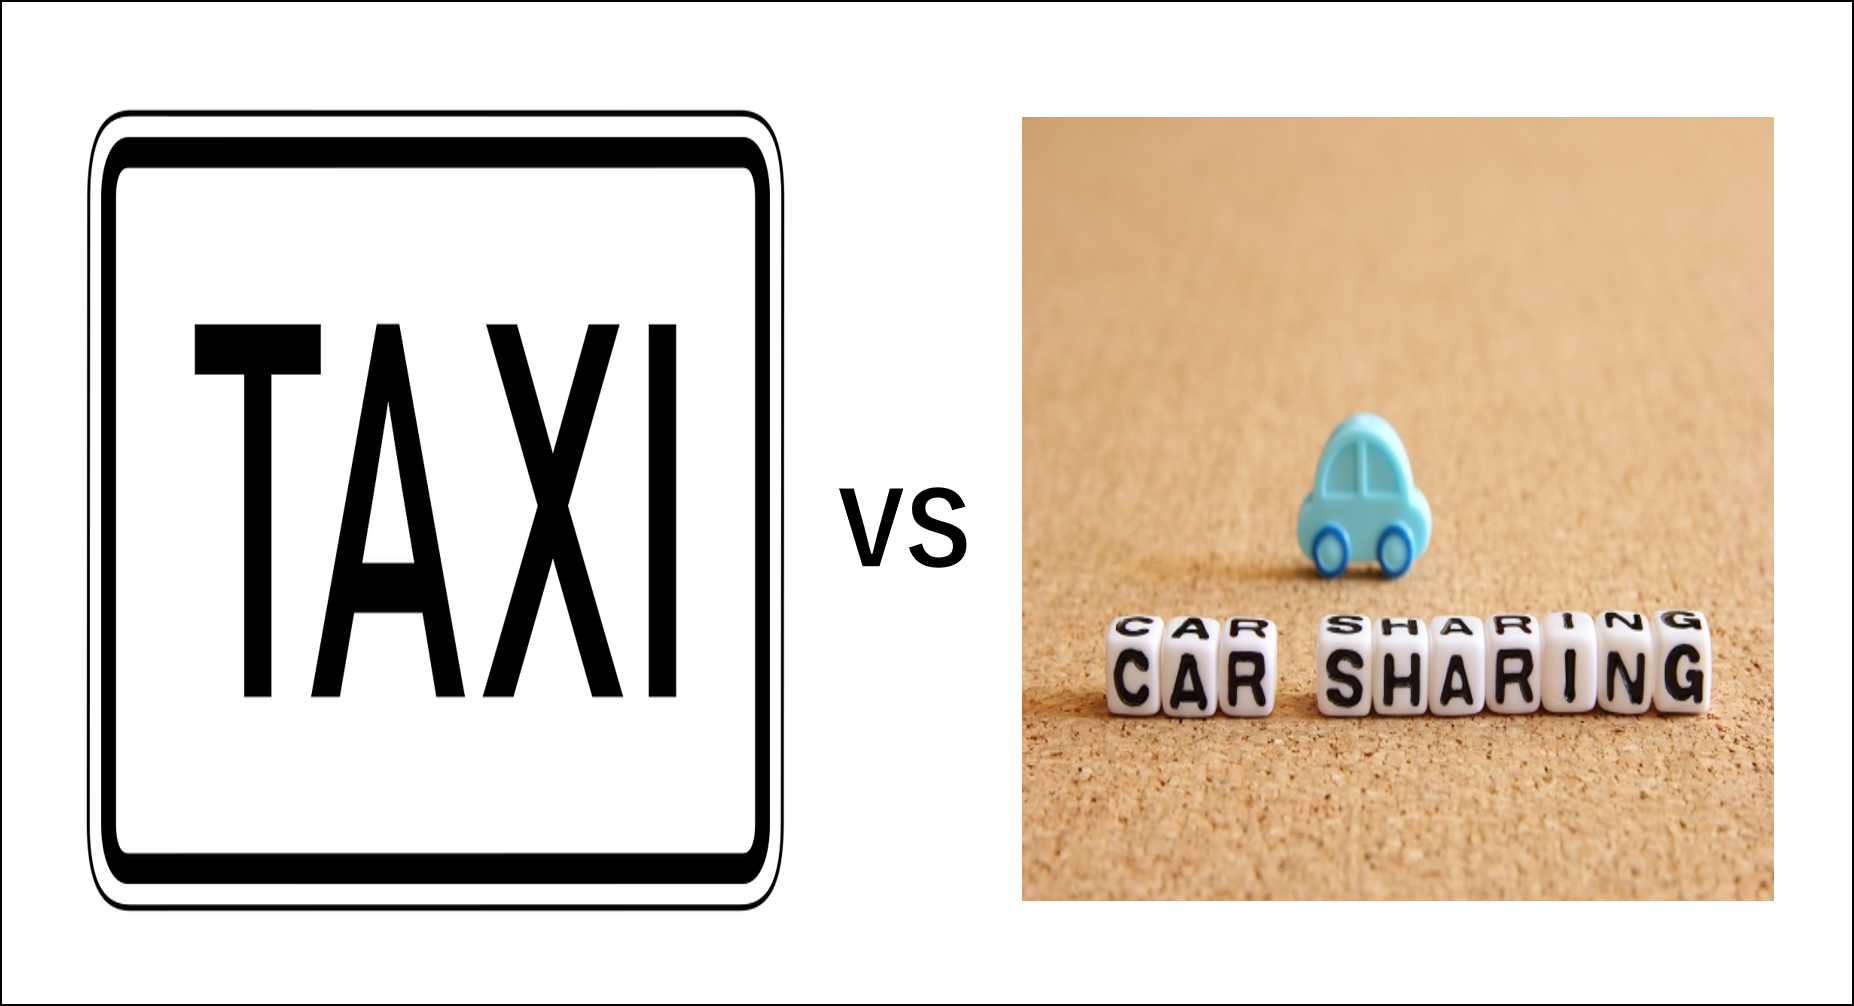 タクシーよりも[カーシェアリング]って安いの知ってますか? | カー